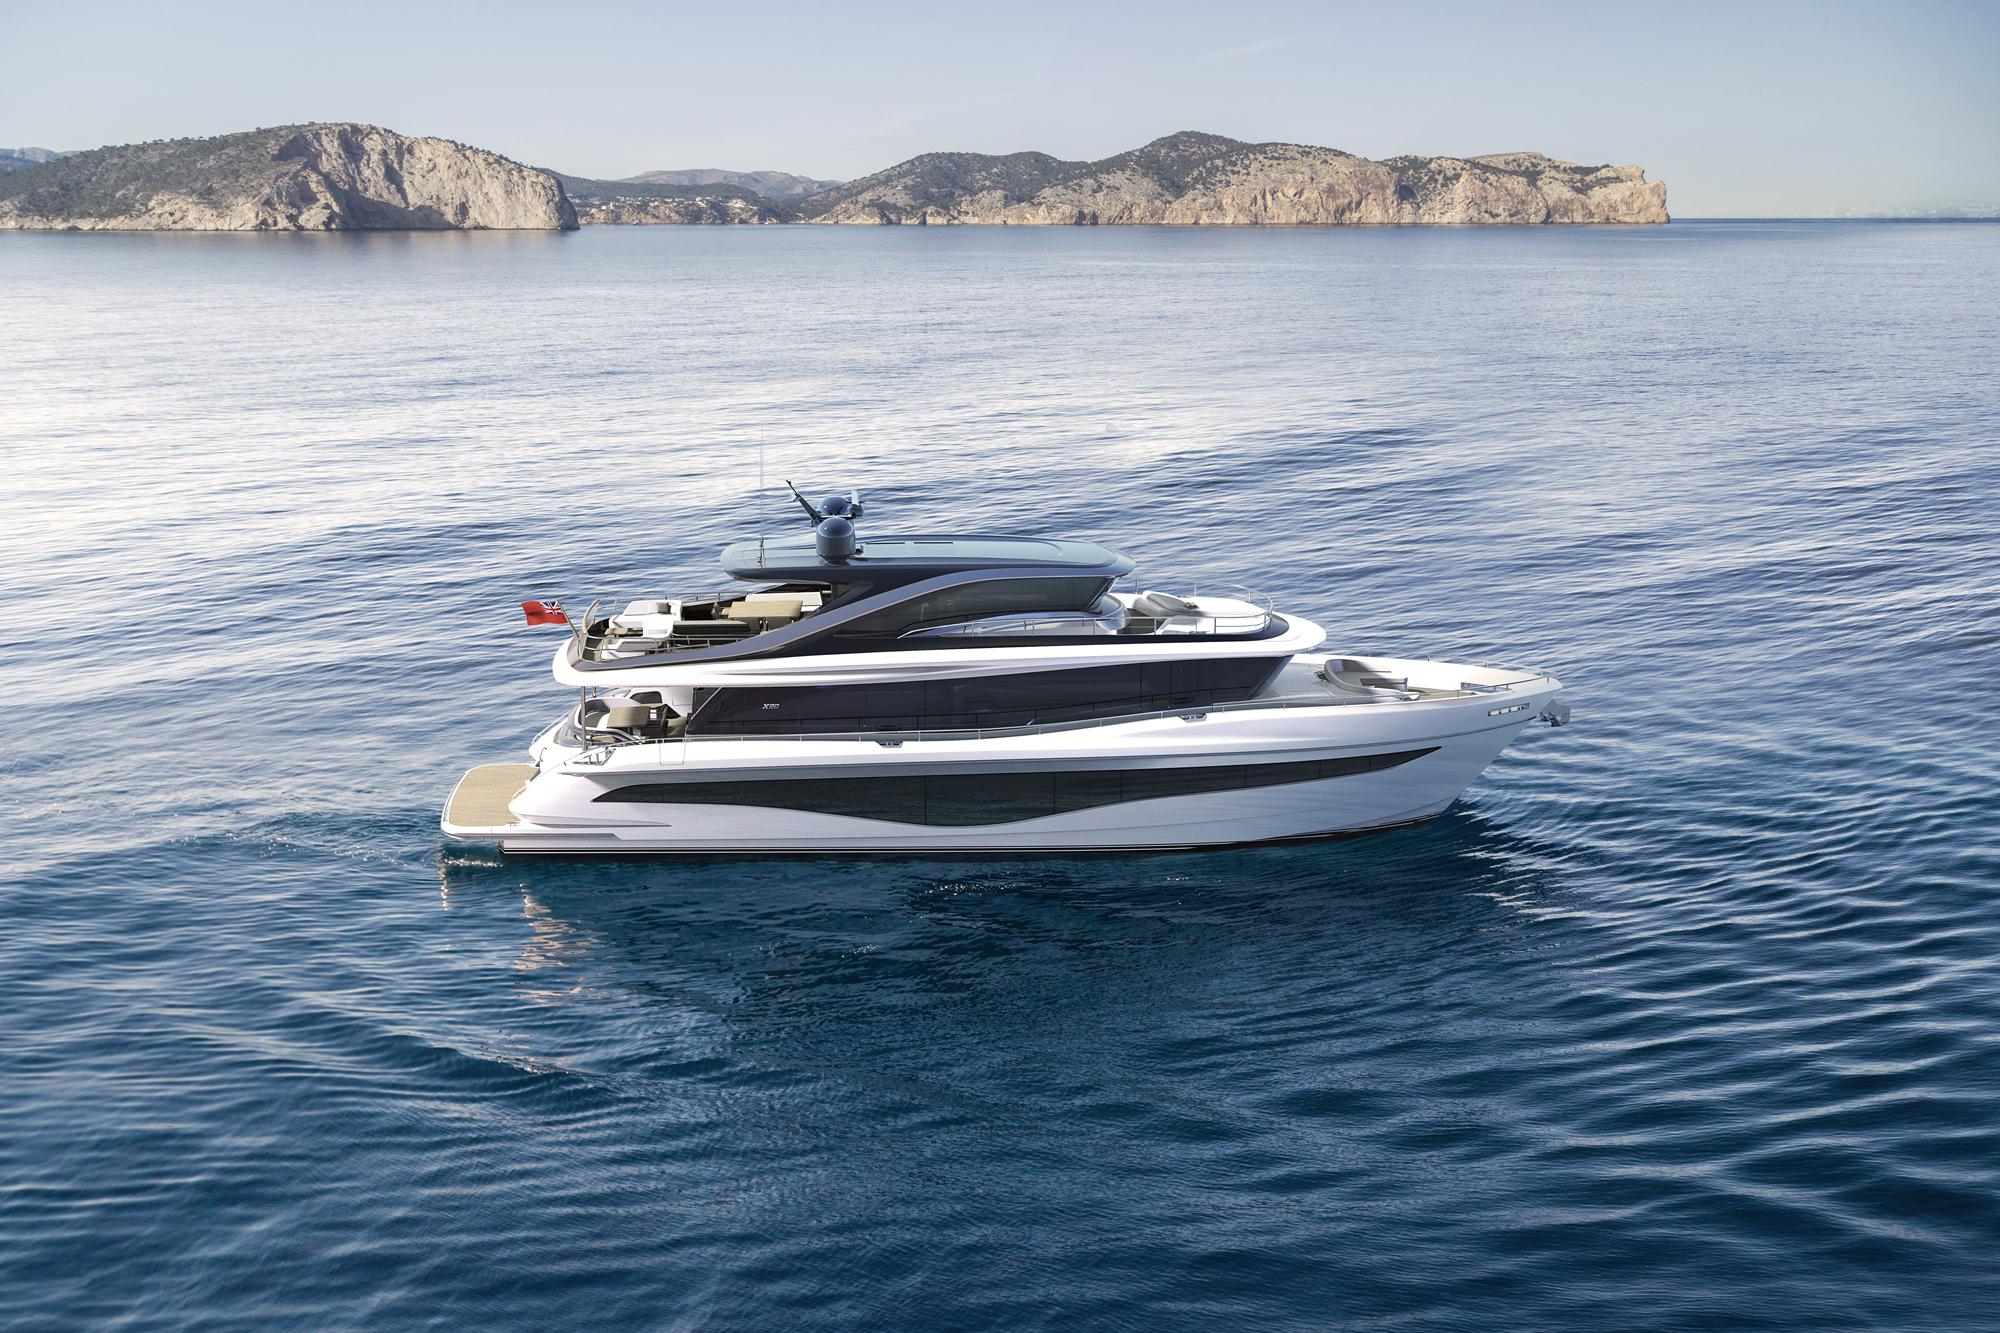 x80 exterior white hull cgi 1 1